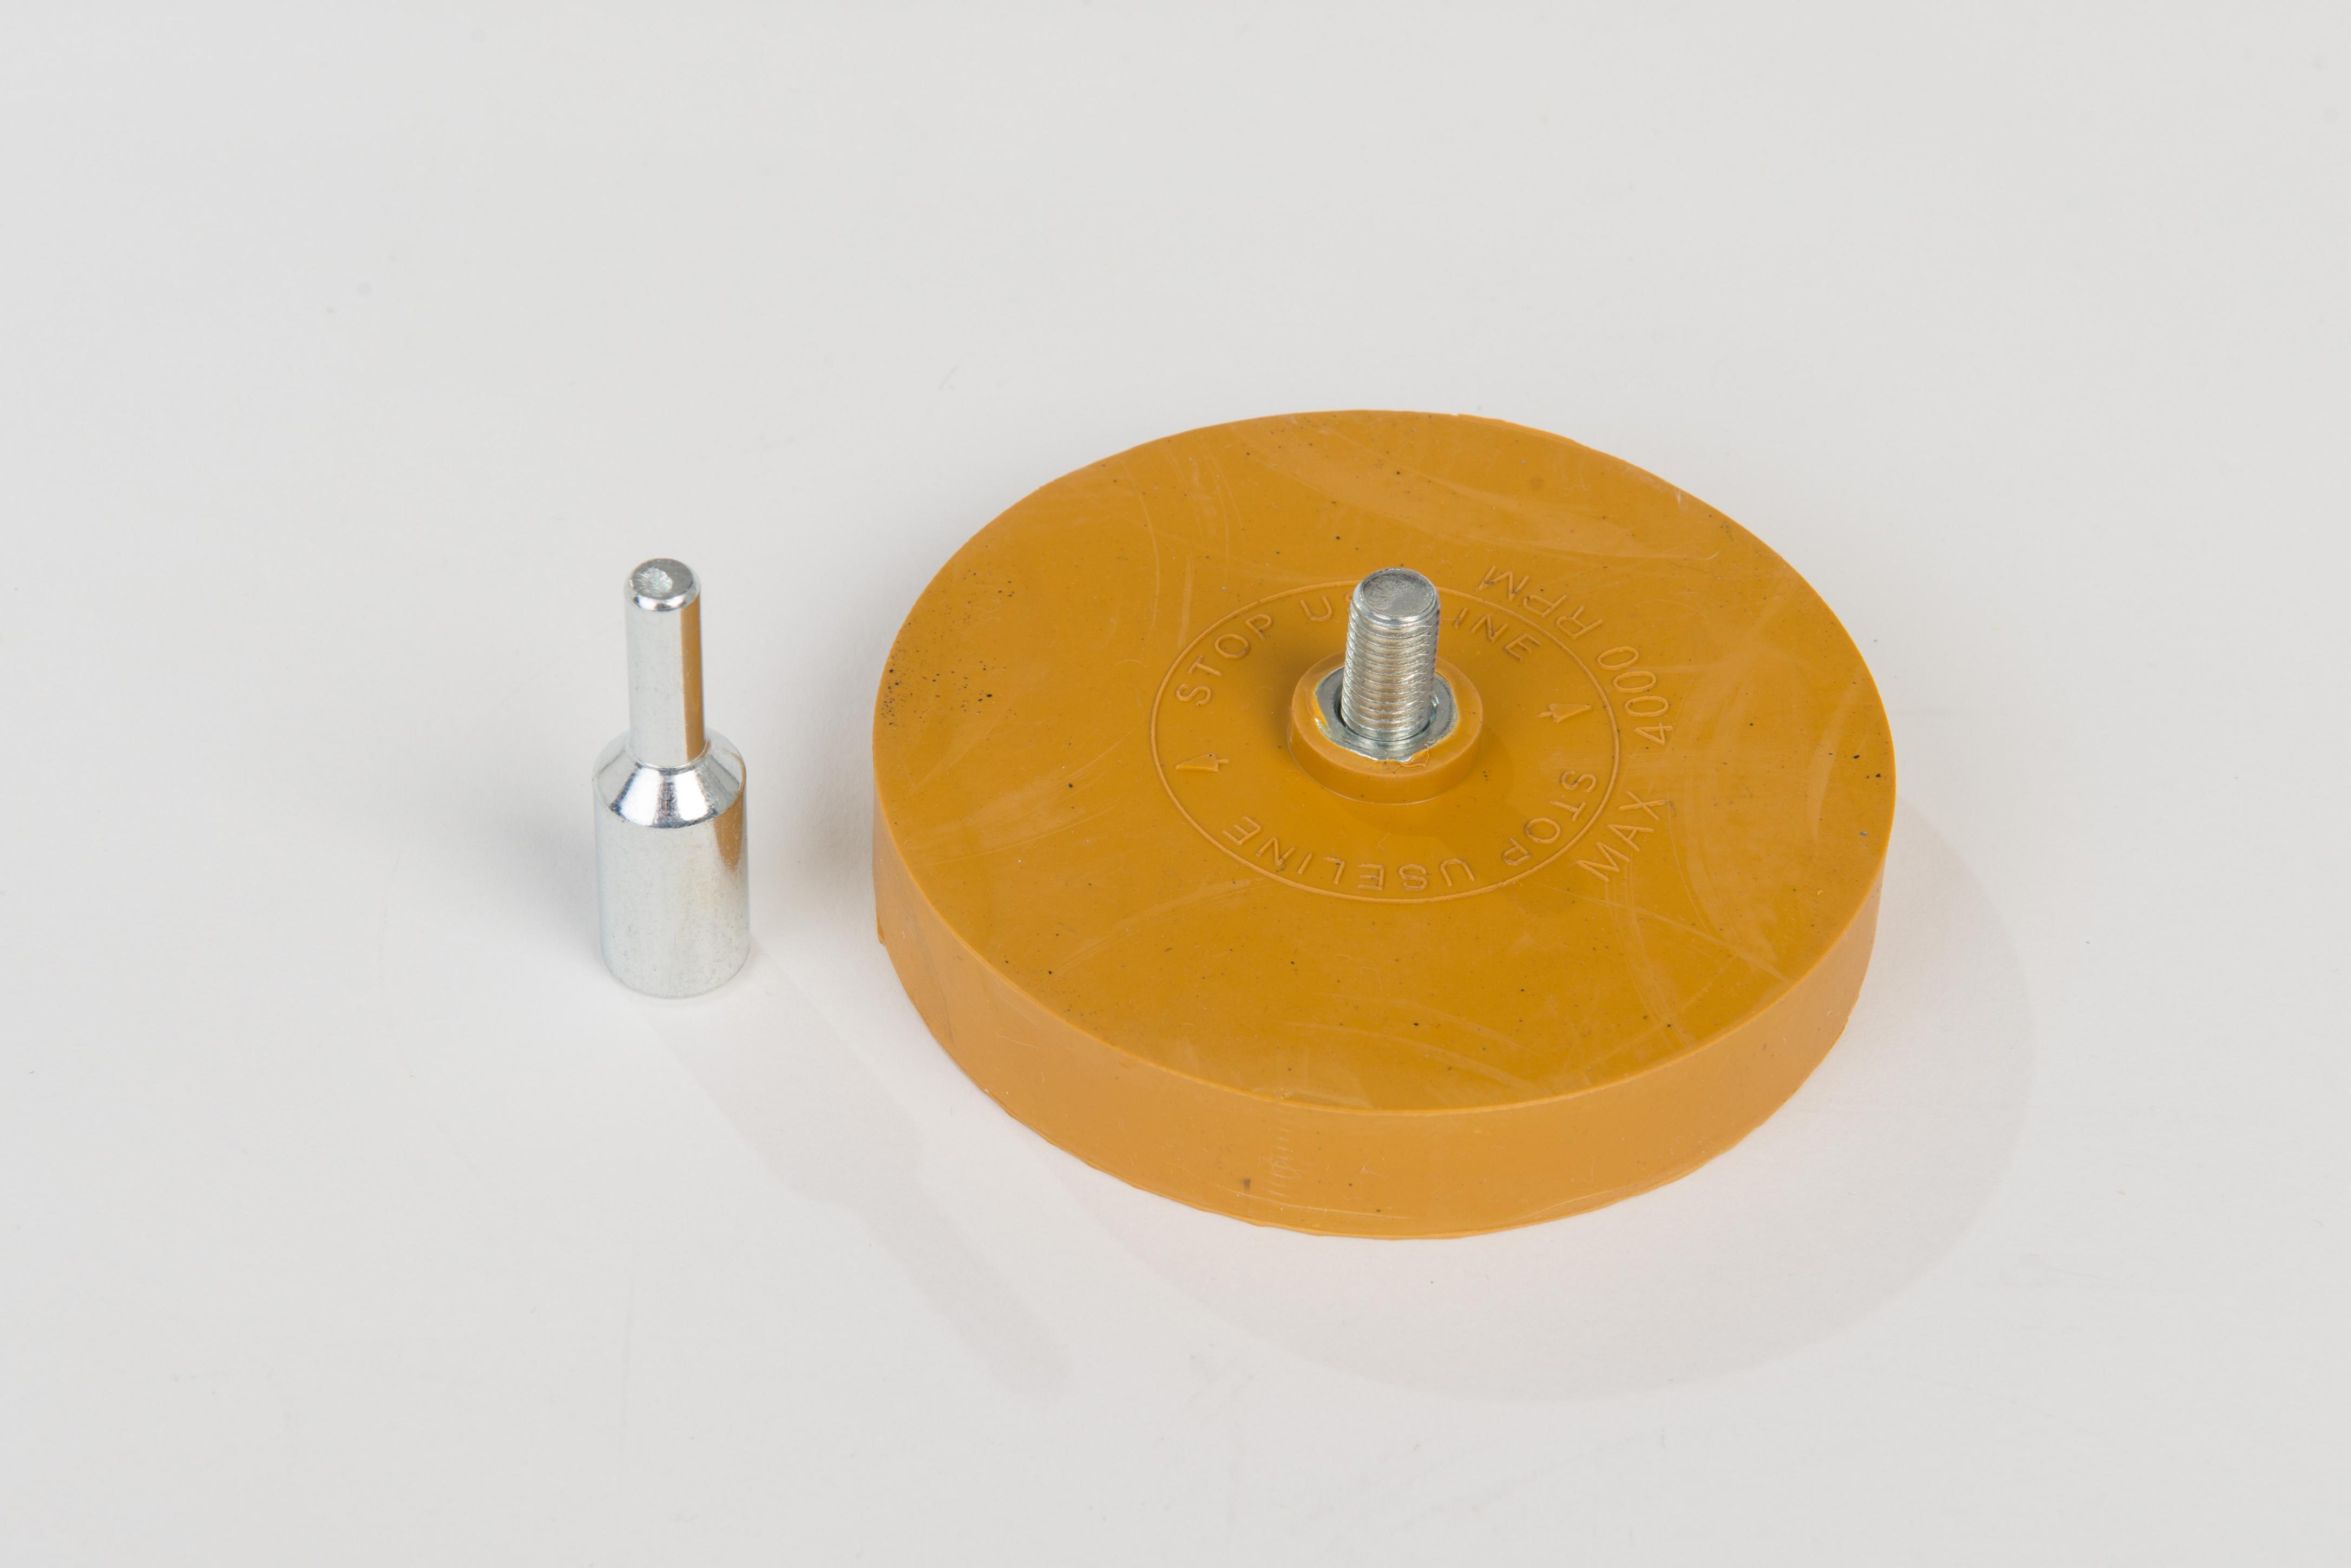 Radierscheibe mit Adapter